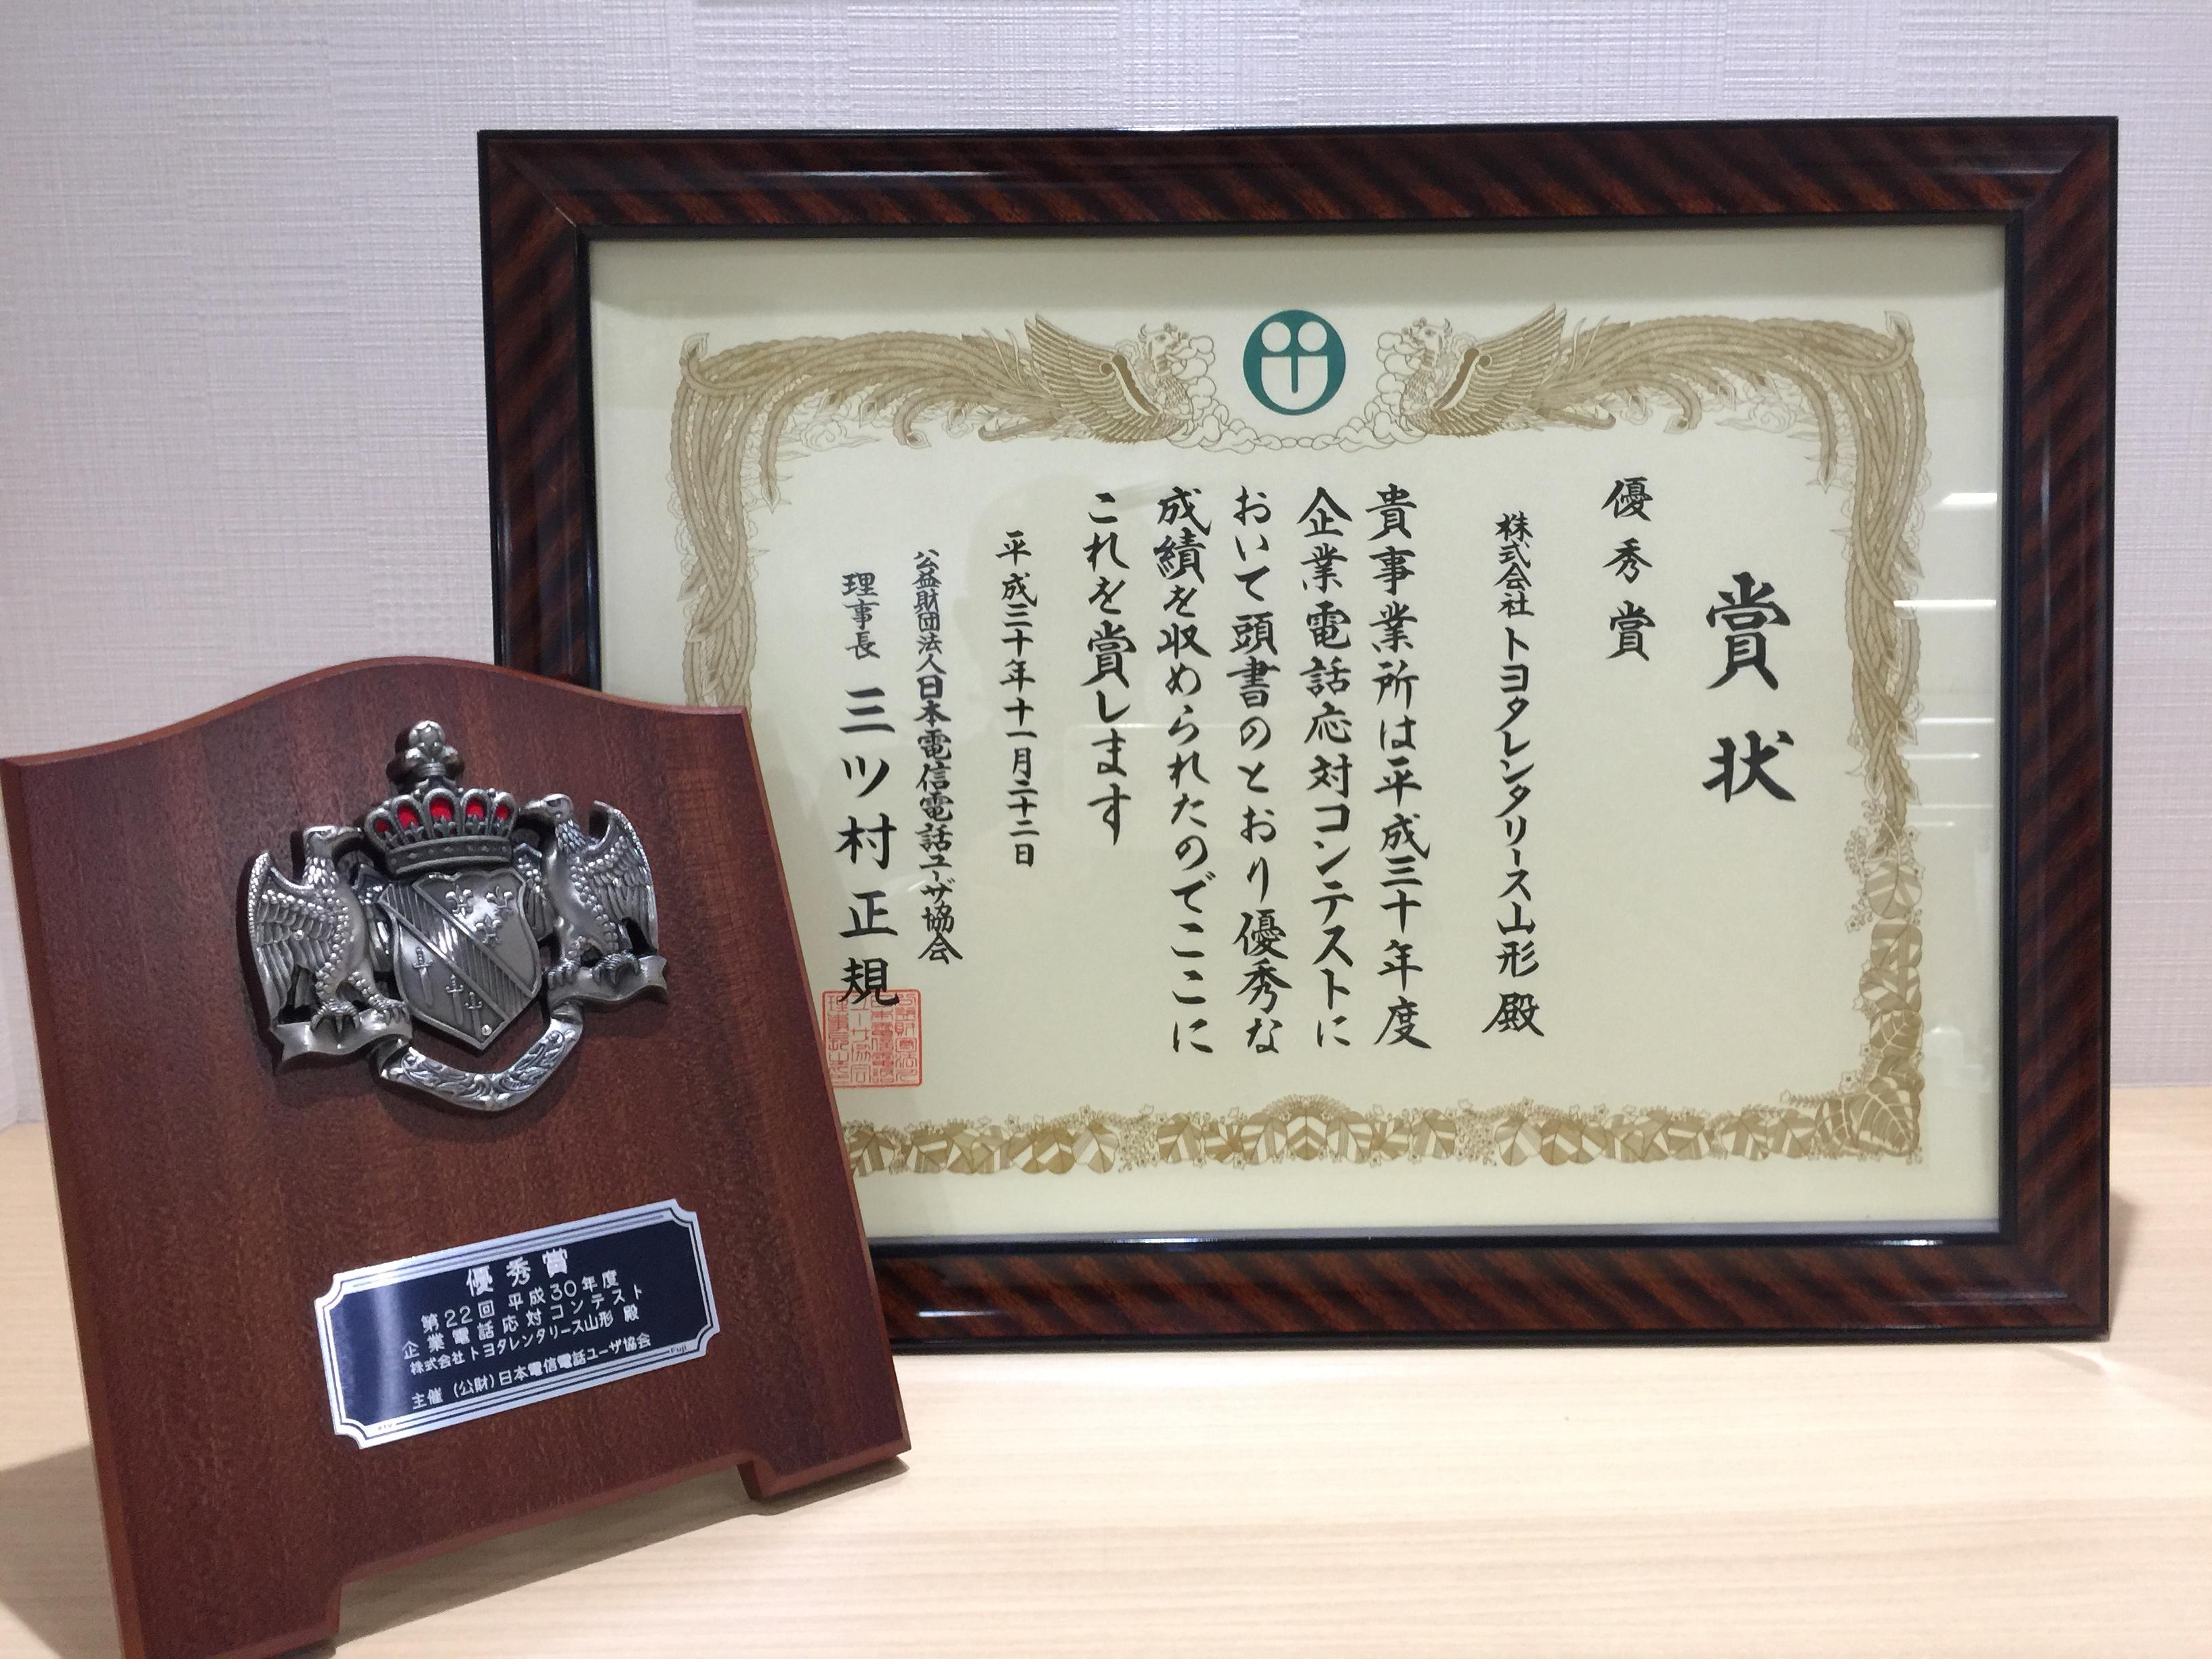 「第22回企業電話応対コンテスト」「優秀賞」を受賞いたしました。